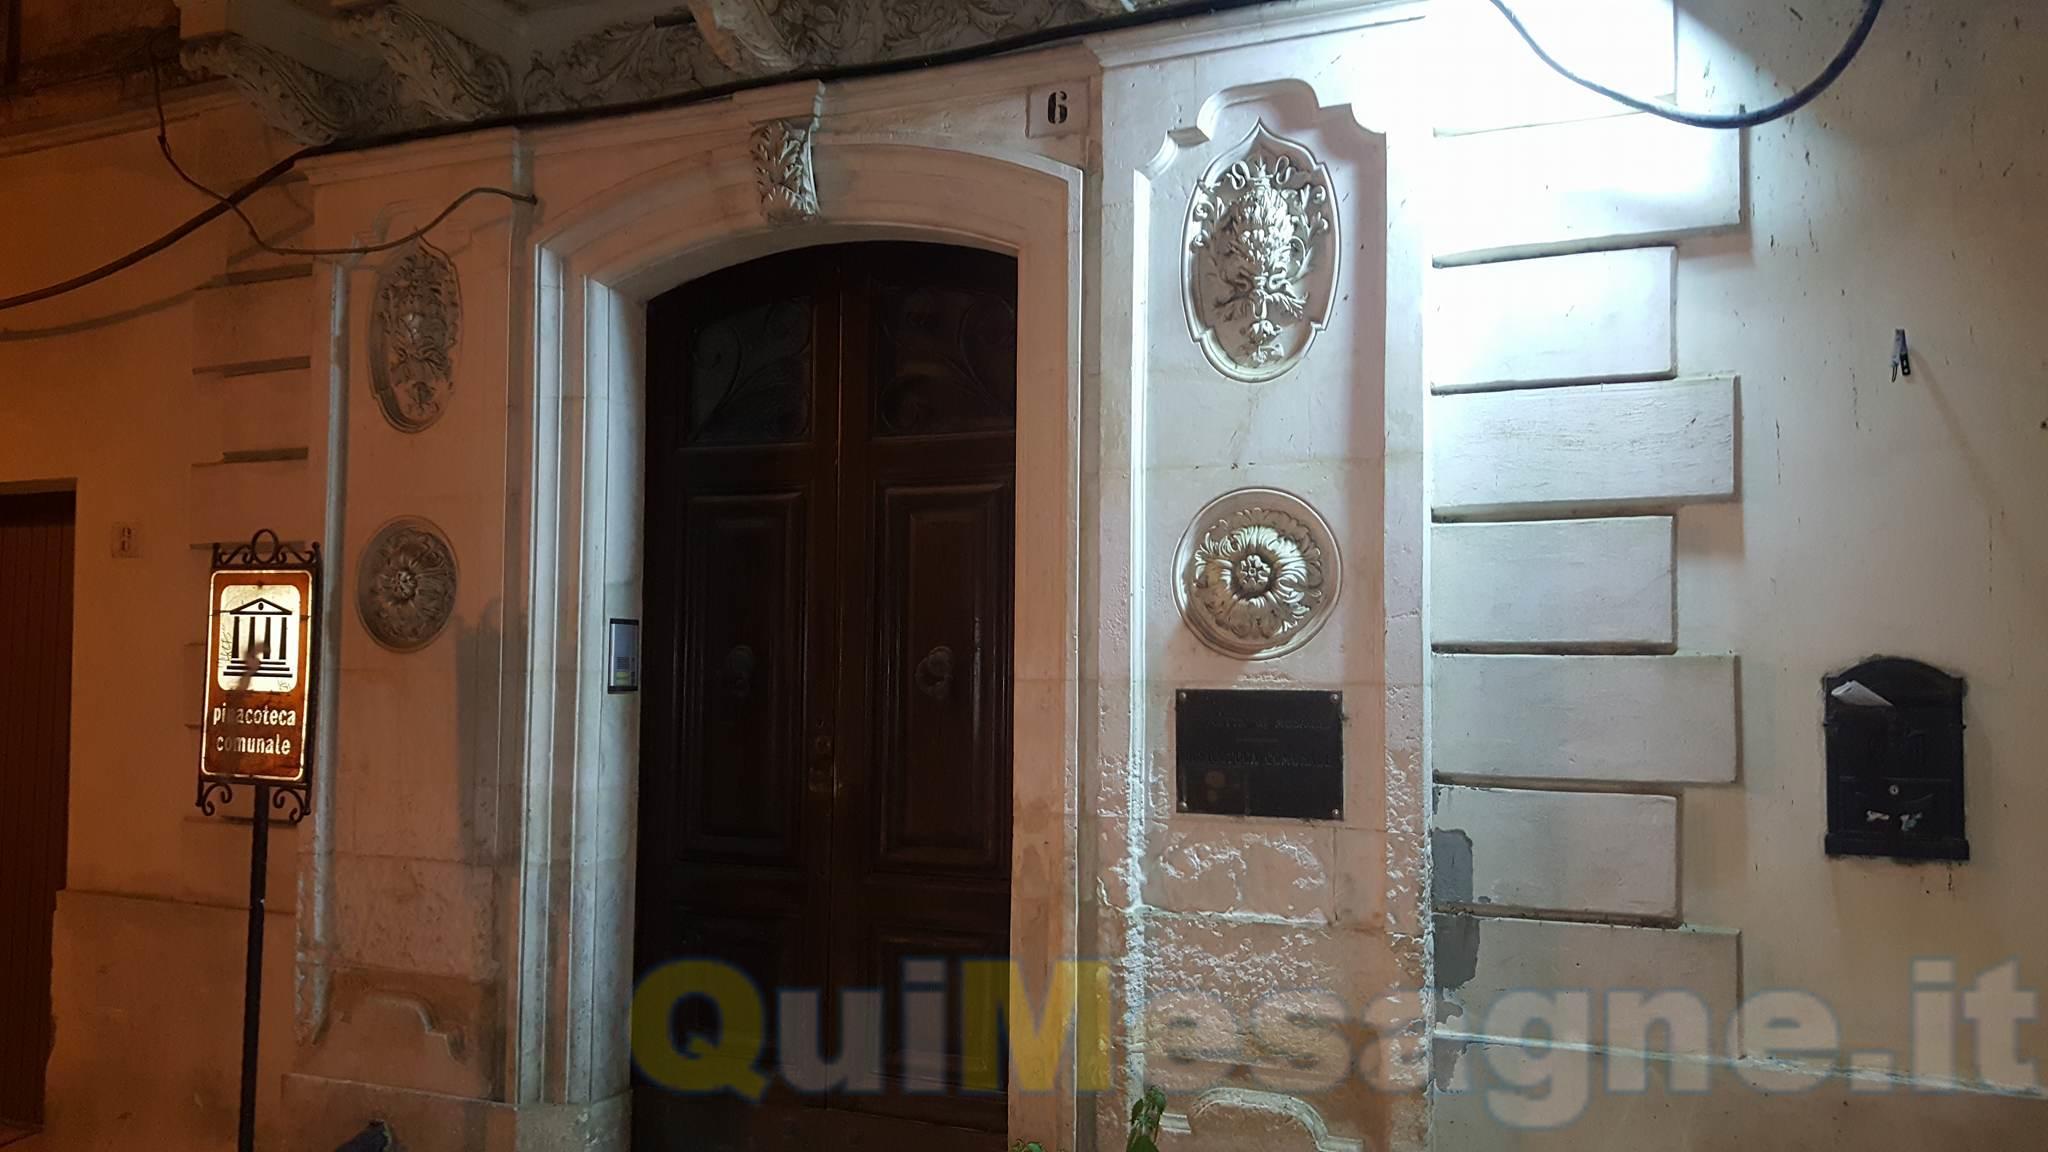 UFFICIO RECLAMI – Aprite il portone dell'ex Pinacoteca